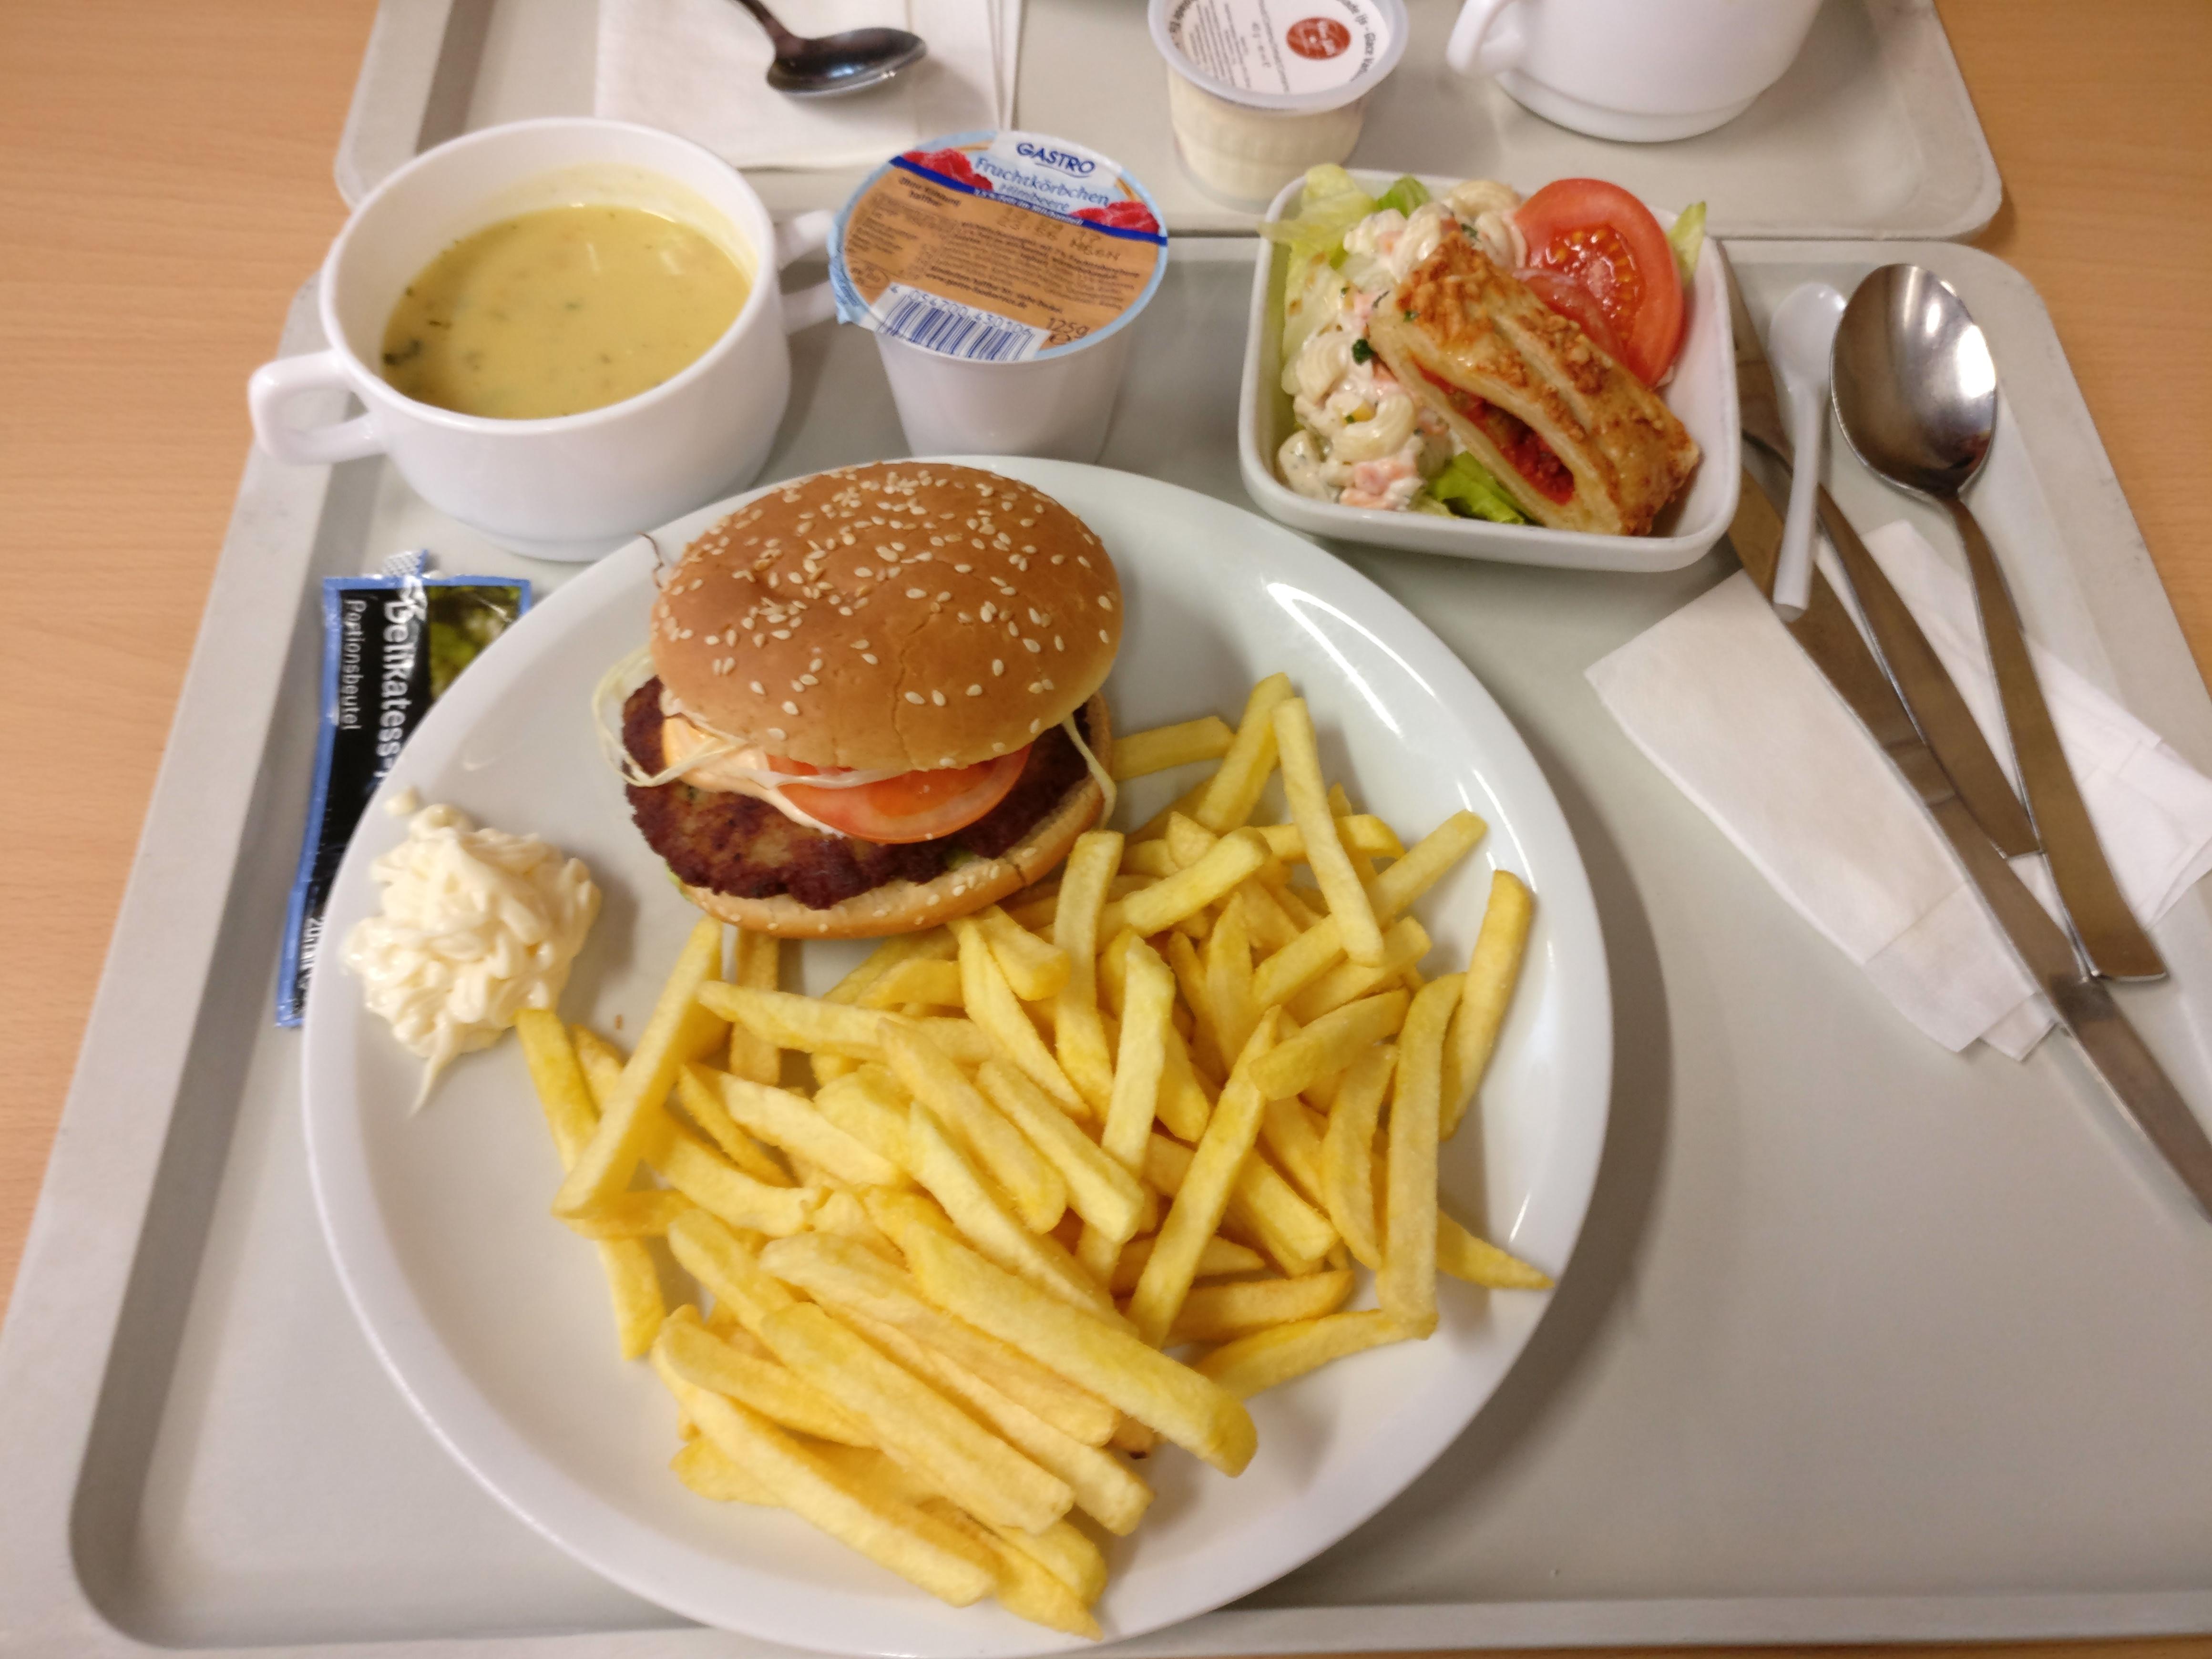 http://foodloader.net/nico_2017-04-04_burger-pommes-suppe-salat-joghurt.jpg